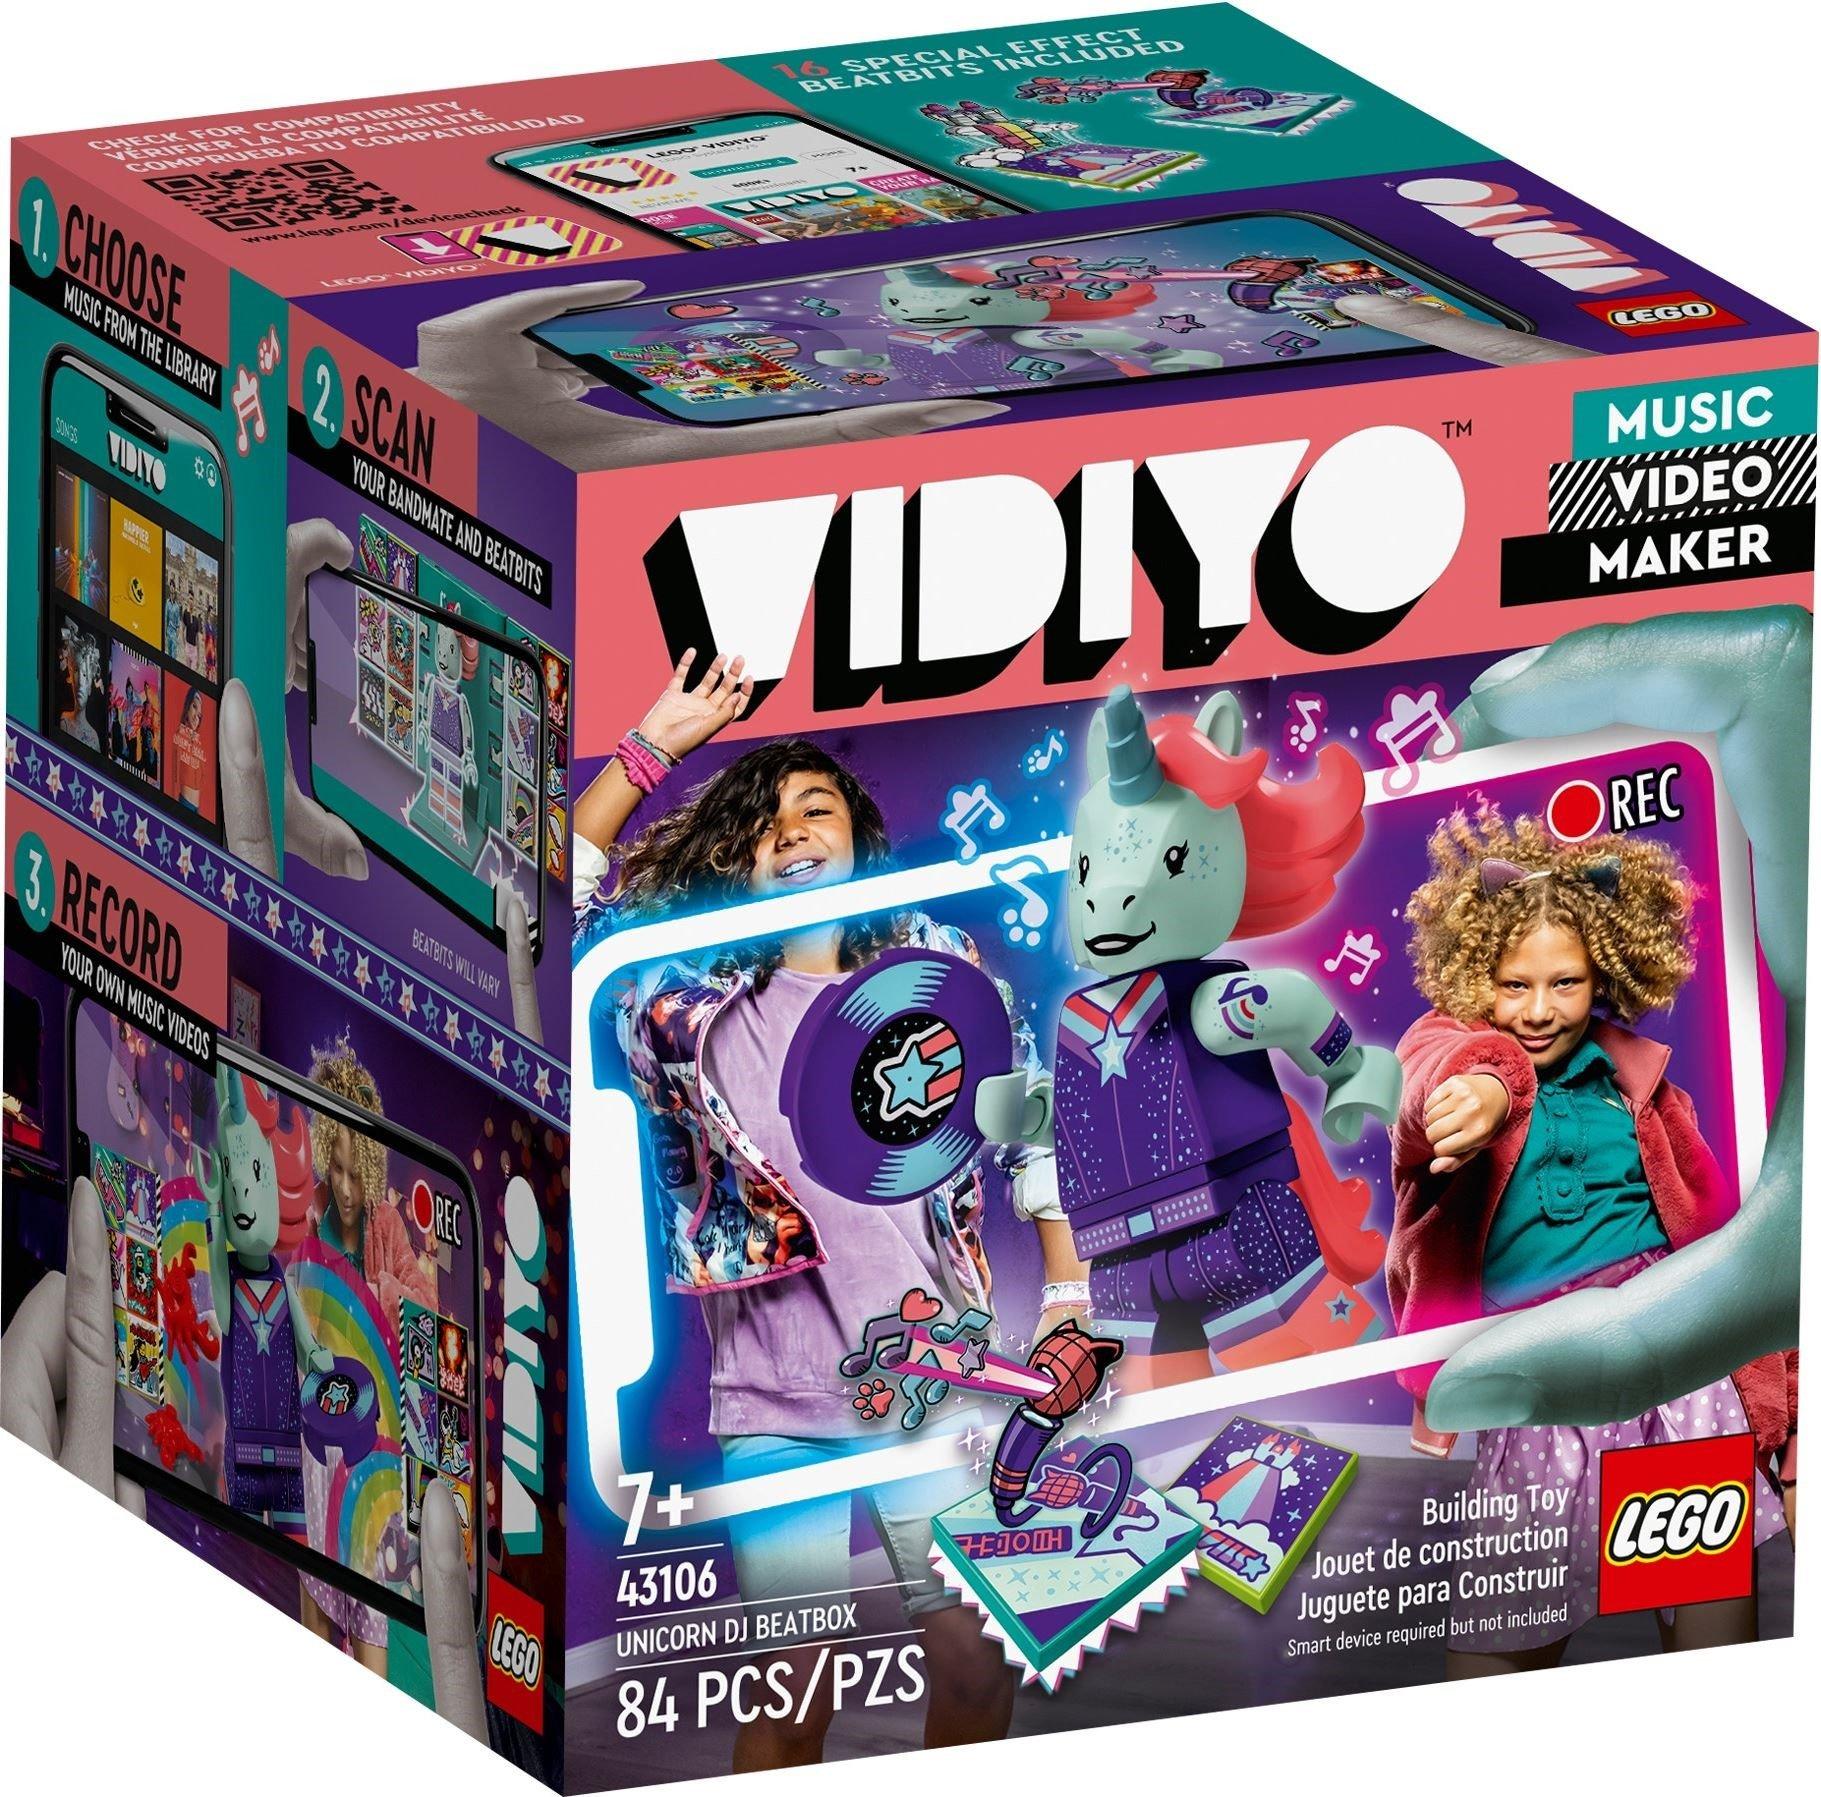 LEGO VIDIYO - Unicorn DJ BeatBox (43106)